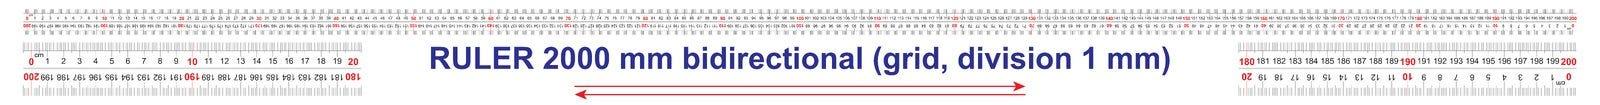 Le double bidirectionnel de r?gle a d?grossi 2000 millim?tres, 200 centim?tres, 2 m?tres r